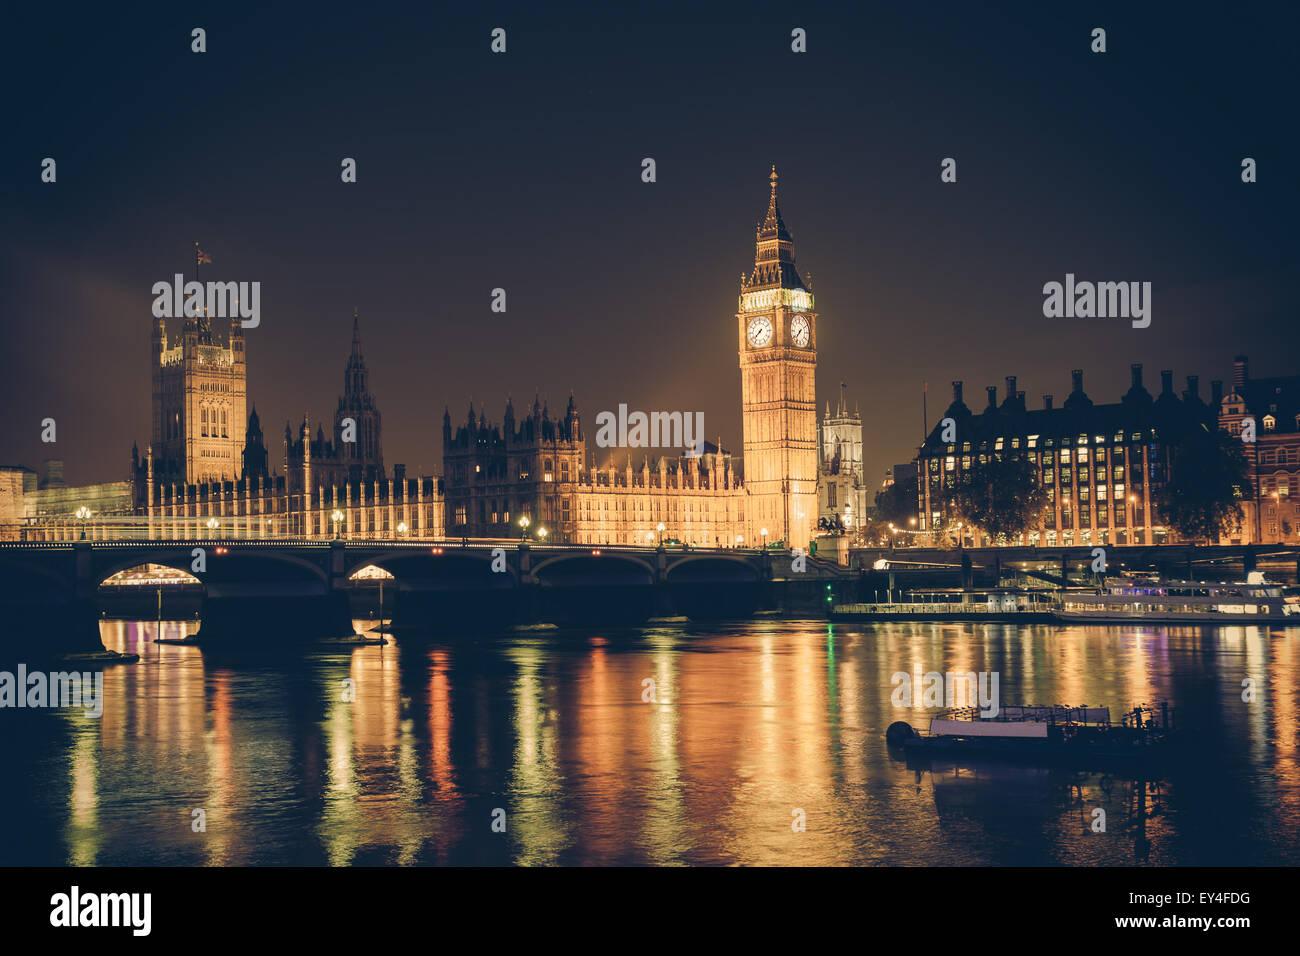 Vue de Big Ben et de Westminster à l'échelle de la rivière Thames, dans la nuit. Cette image a un effet filtre rétro Banque D'Images